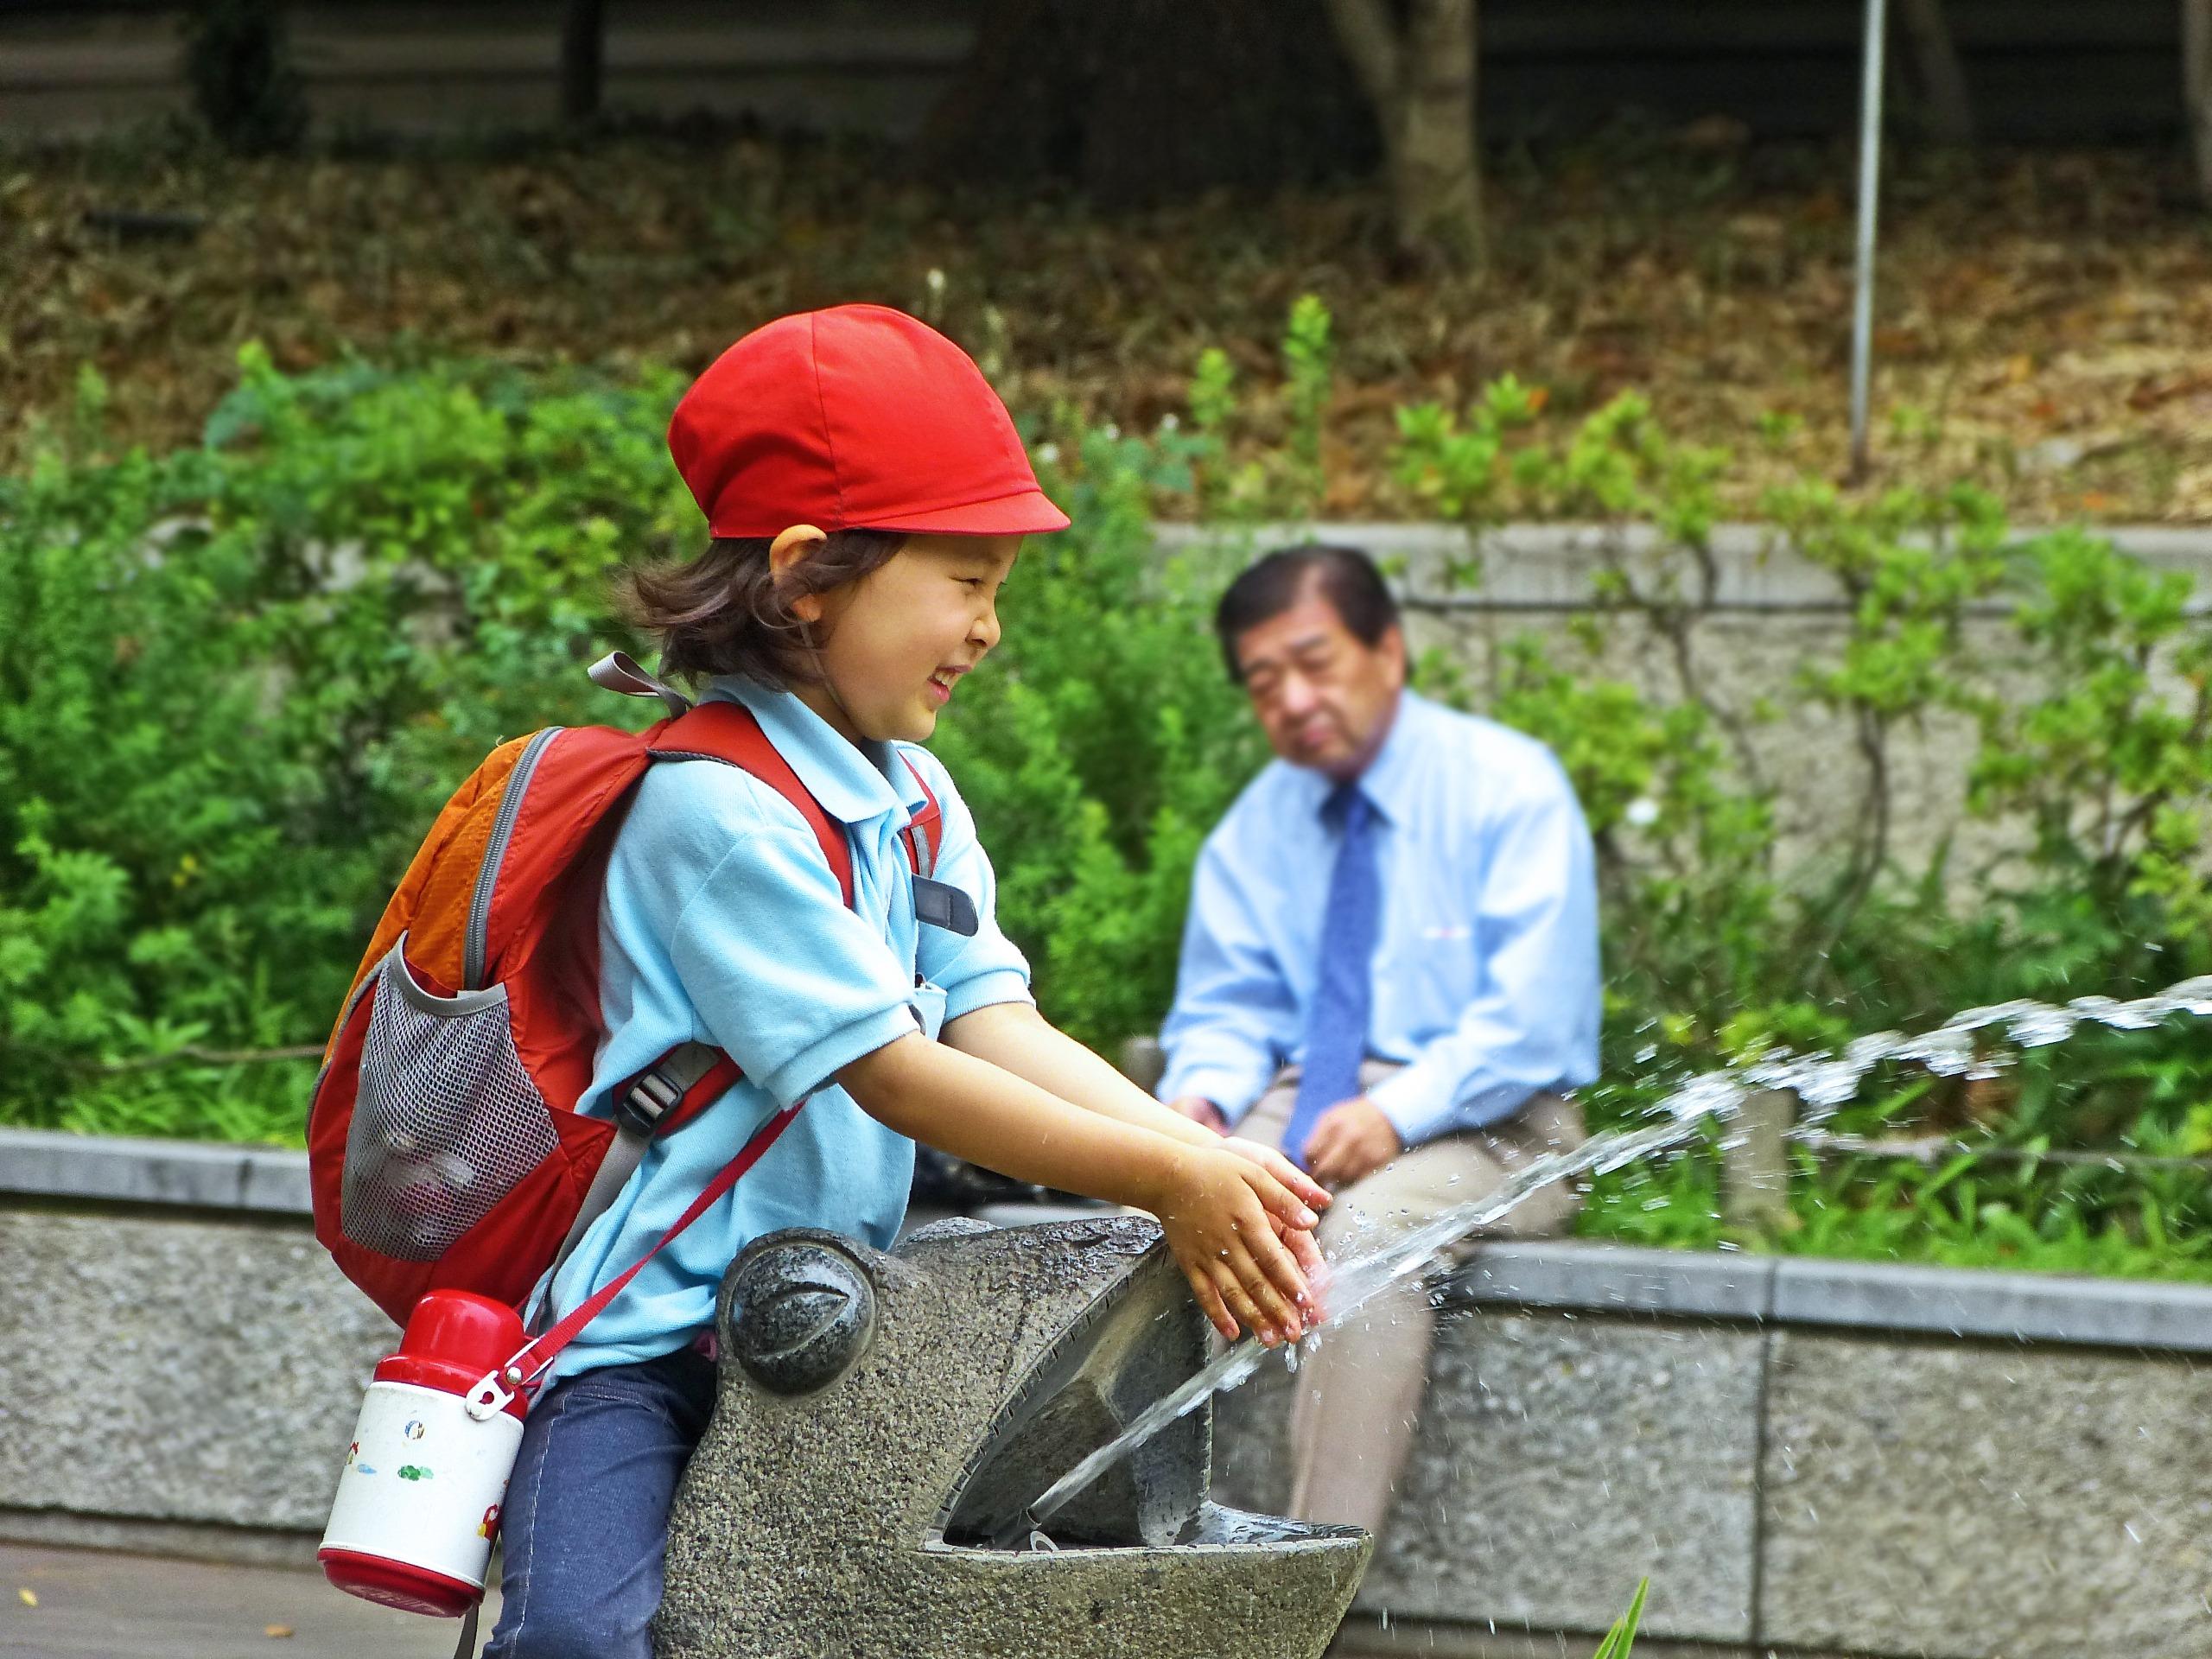 Необычный японский парк, где дети могут играть с ножами и жечь костры